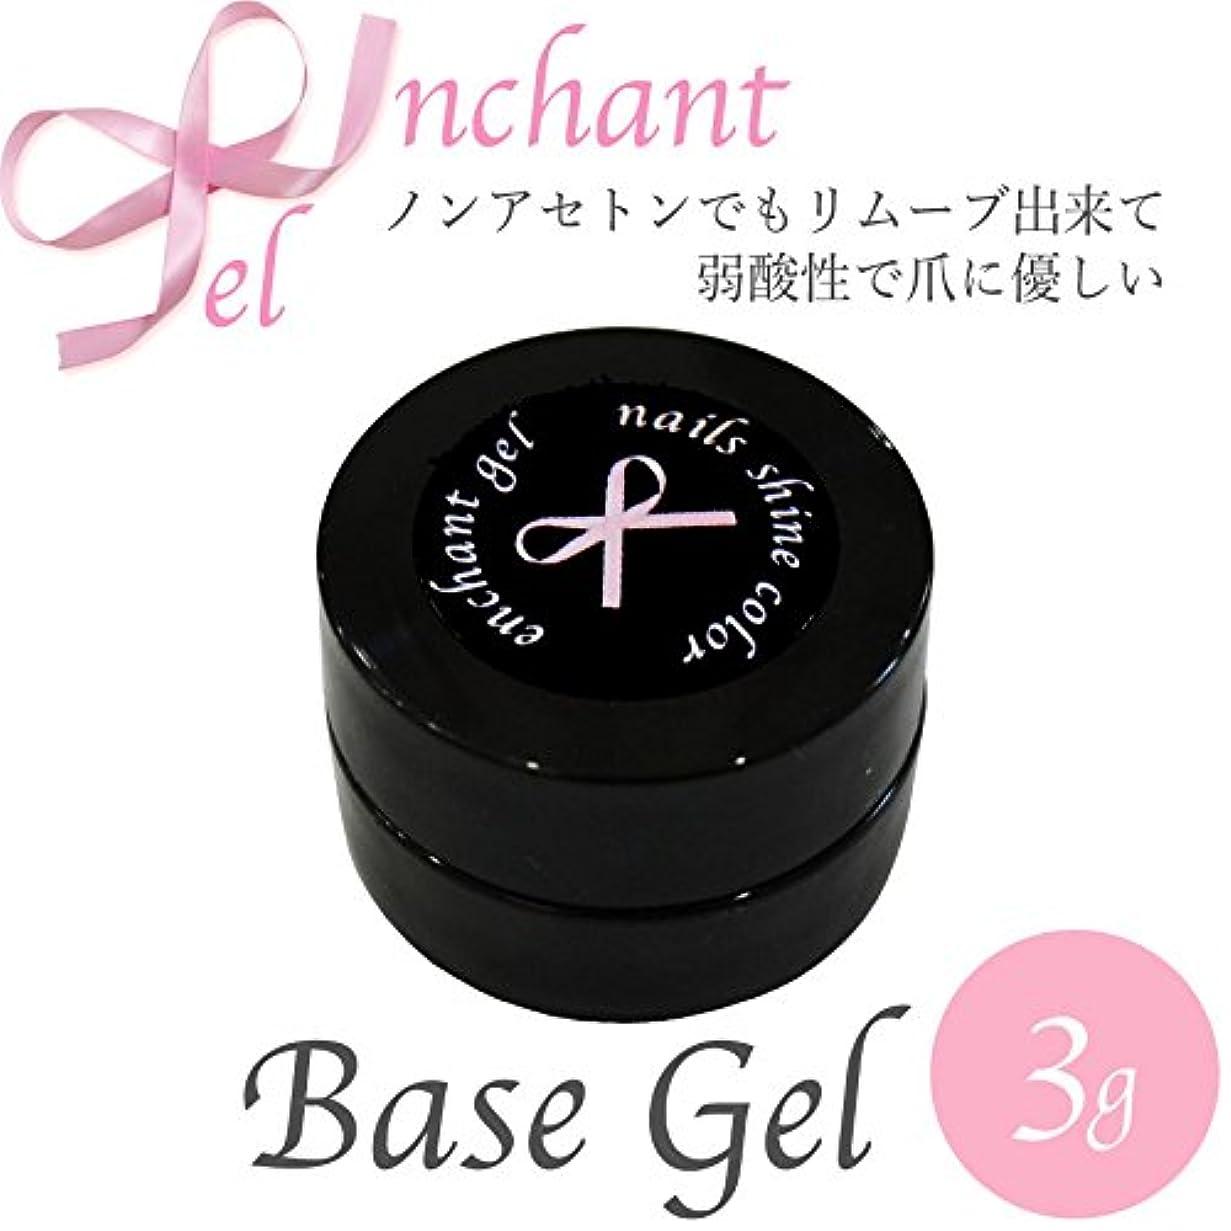 貫通するハイブリッドクーポンenchant gel clear base gel 3g/エンチャントジェル クリアーベースジェル 3グラム